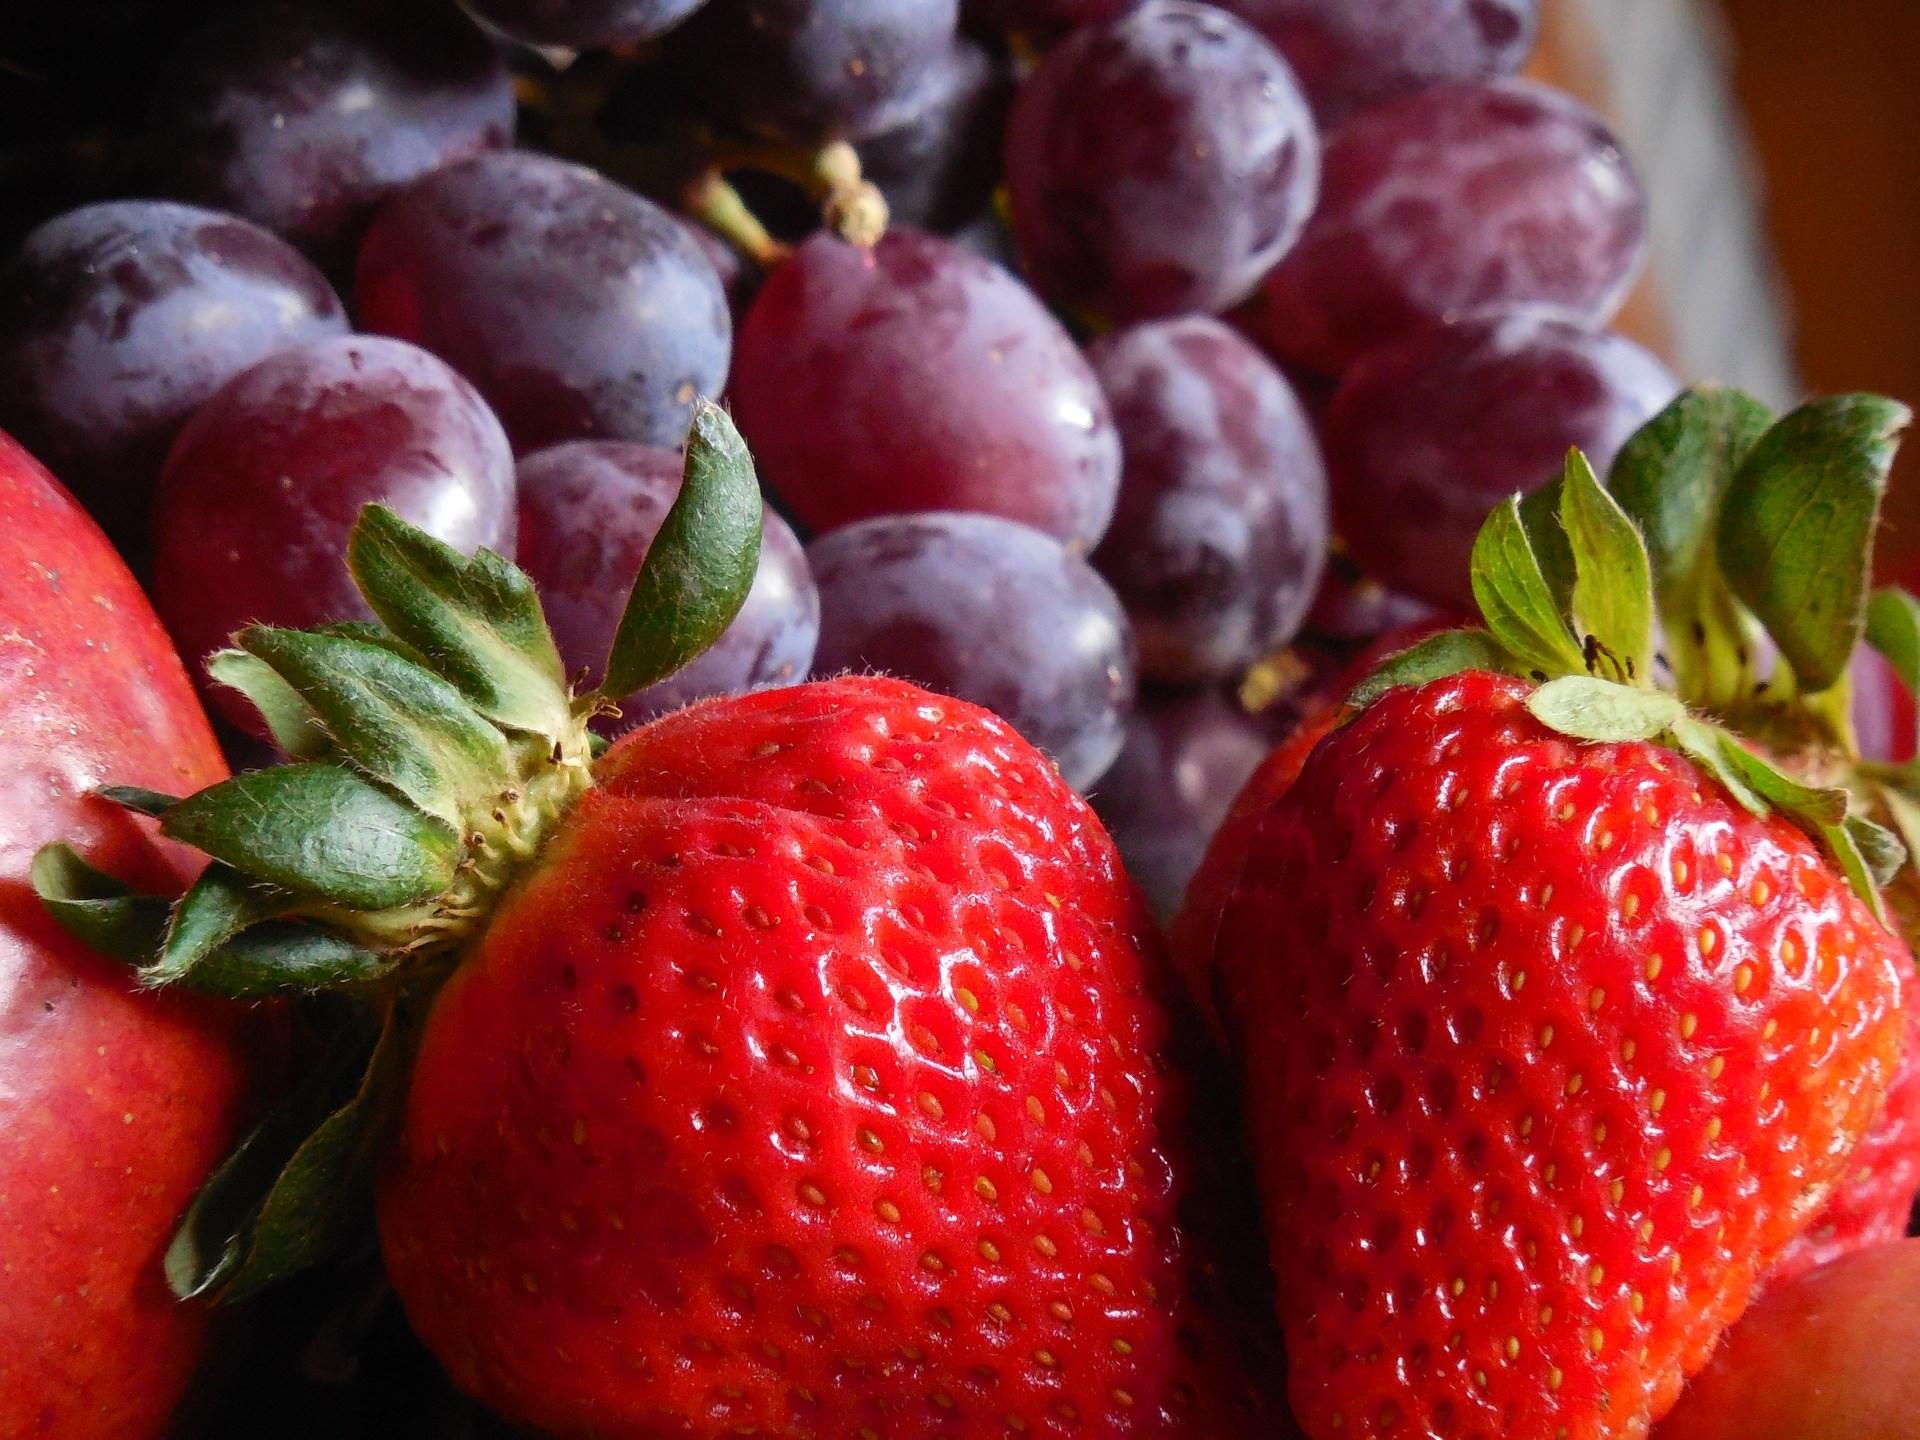 StrawberriesGrapes.jpg